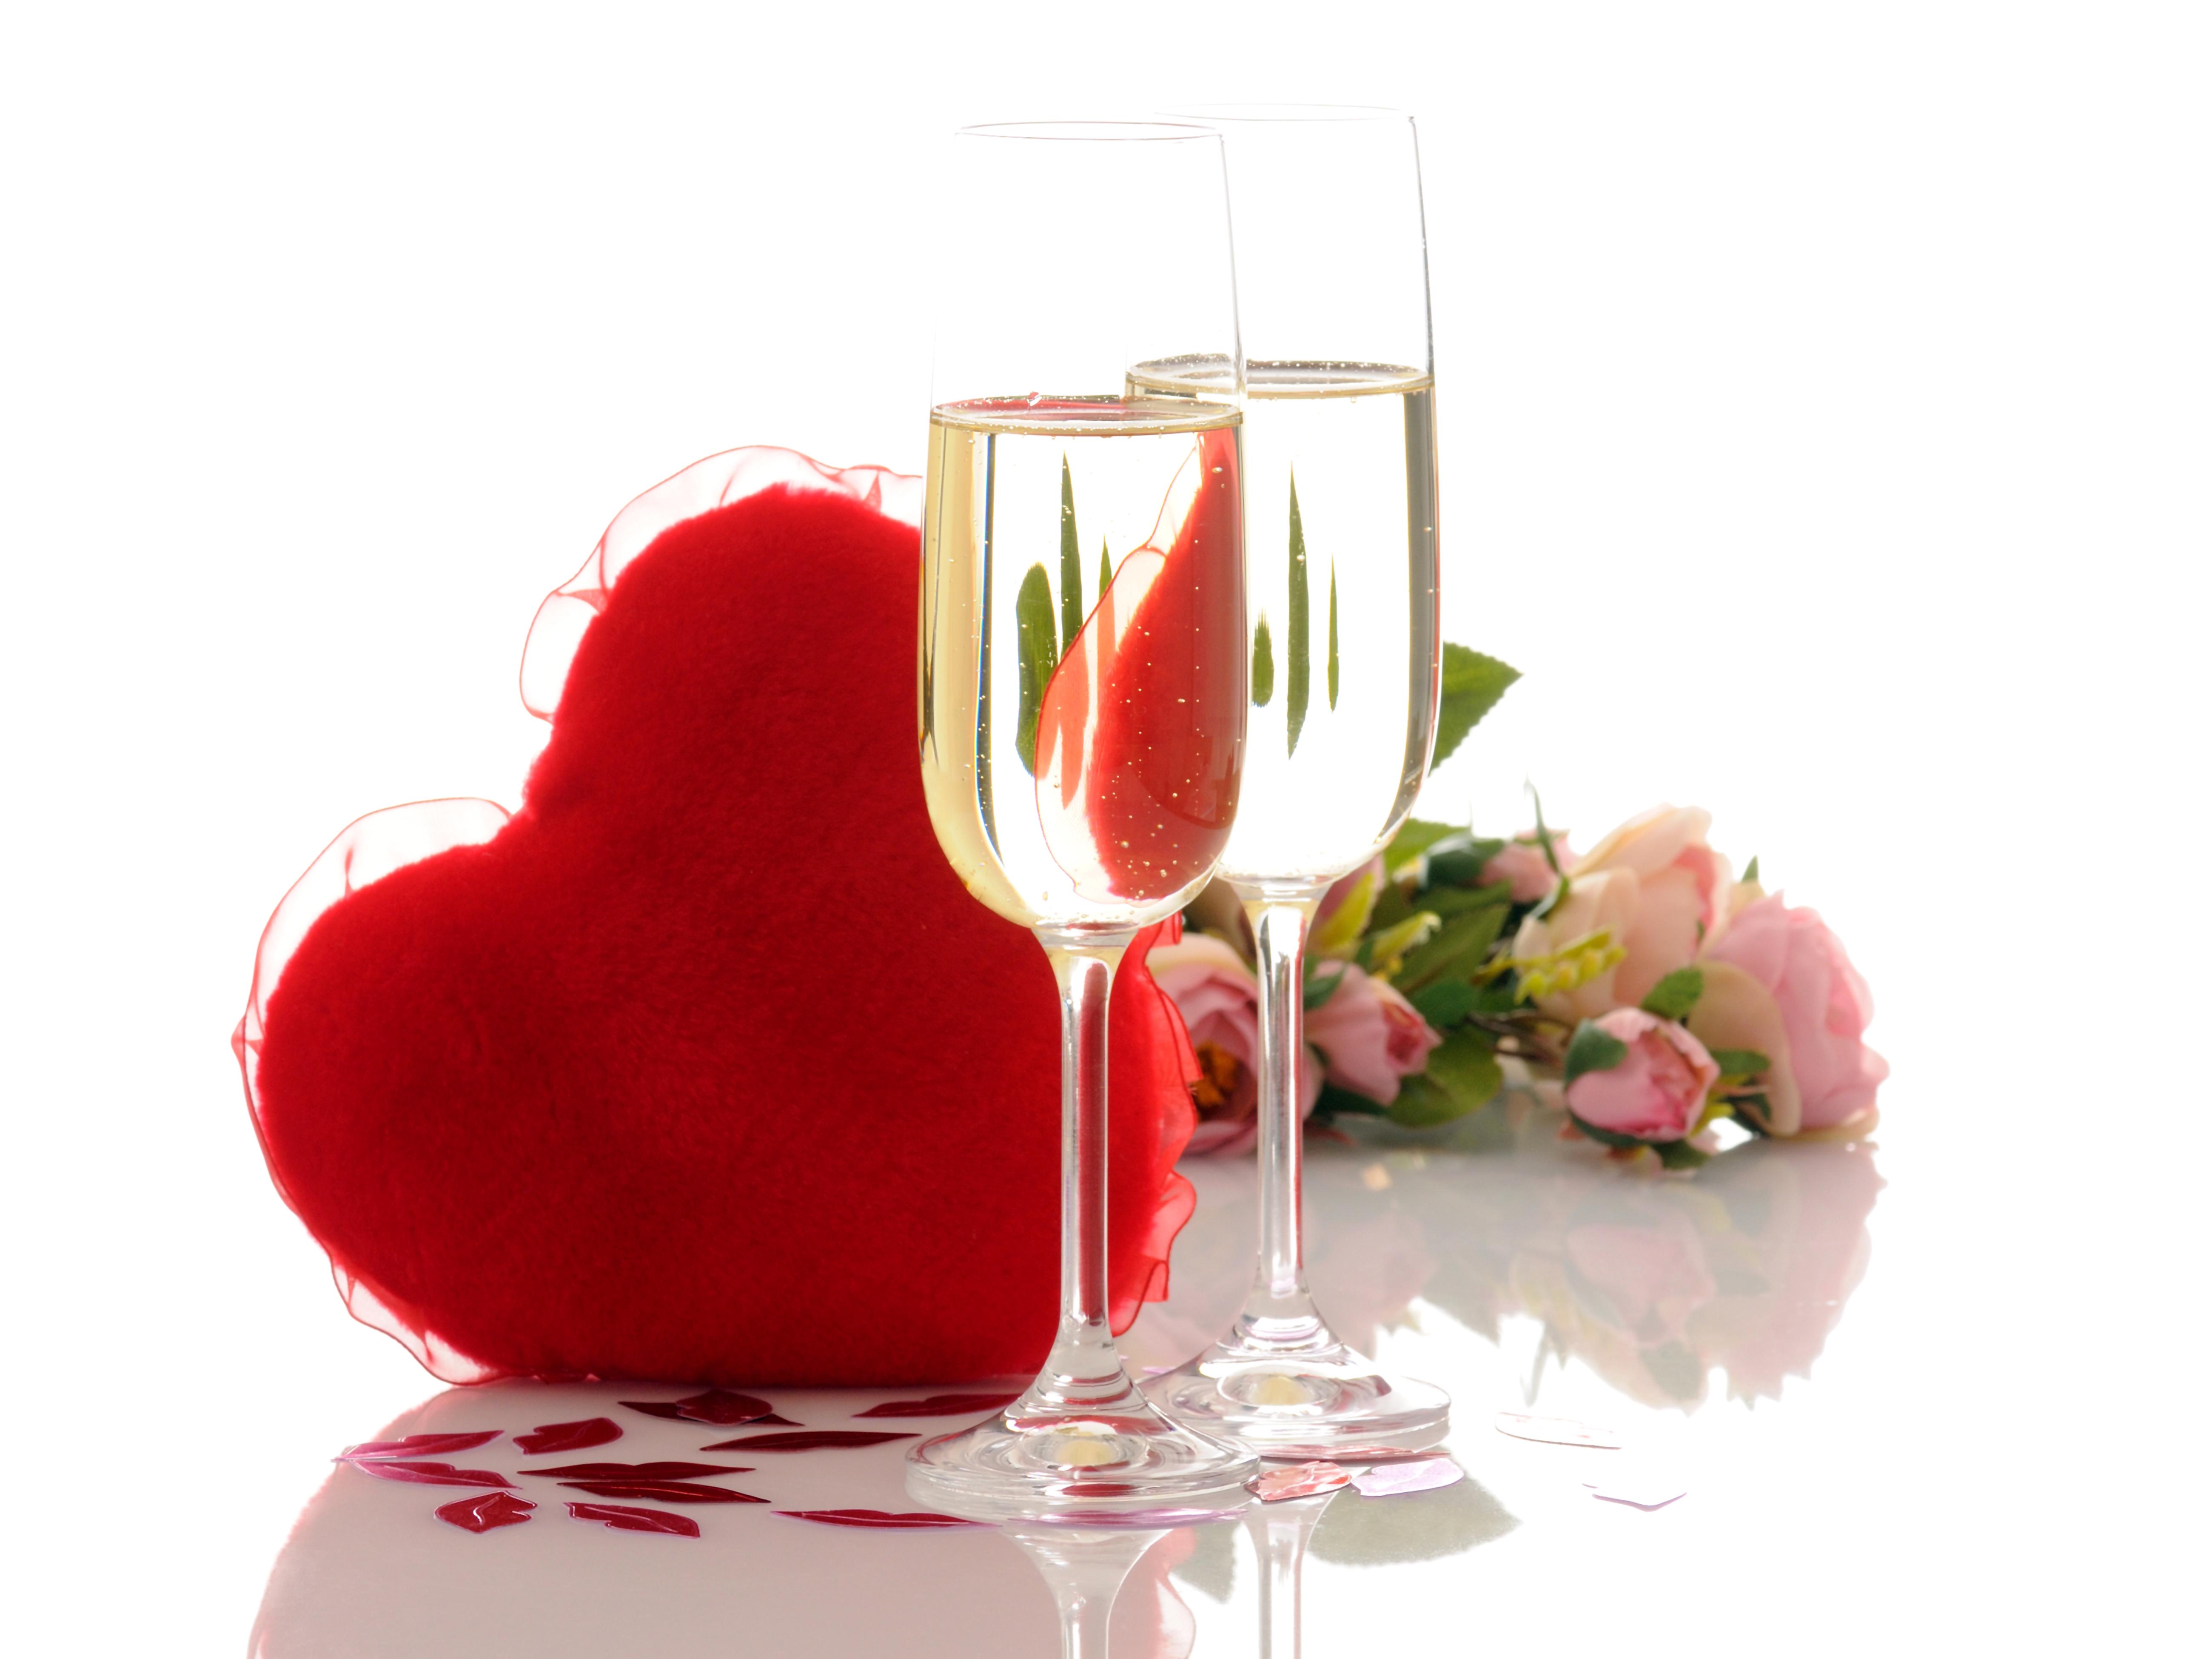 Два бокала с розами  № 750321 без смс